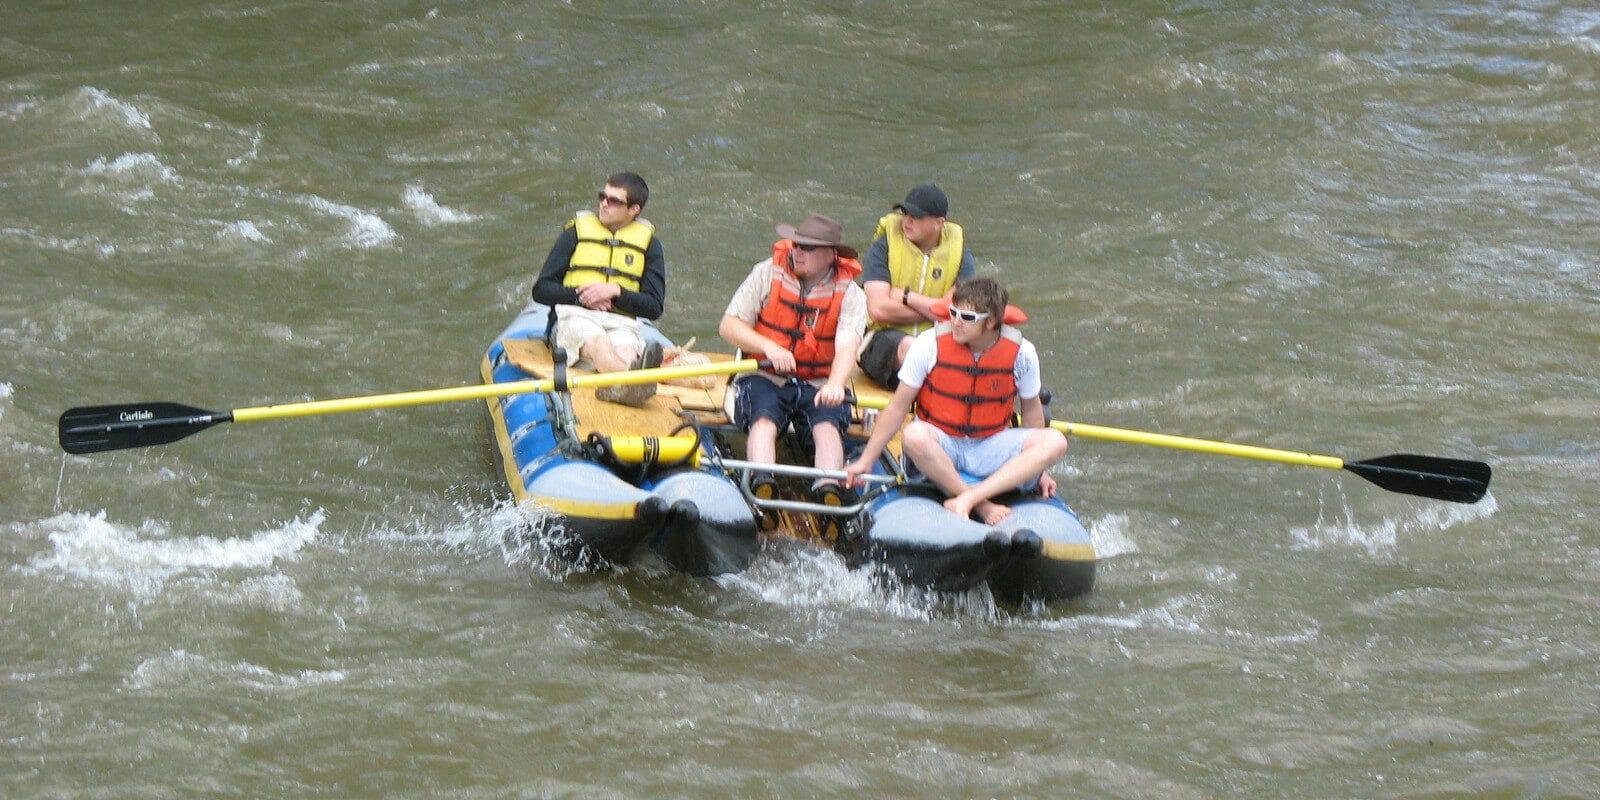 Image of people rafting in Durango